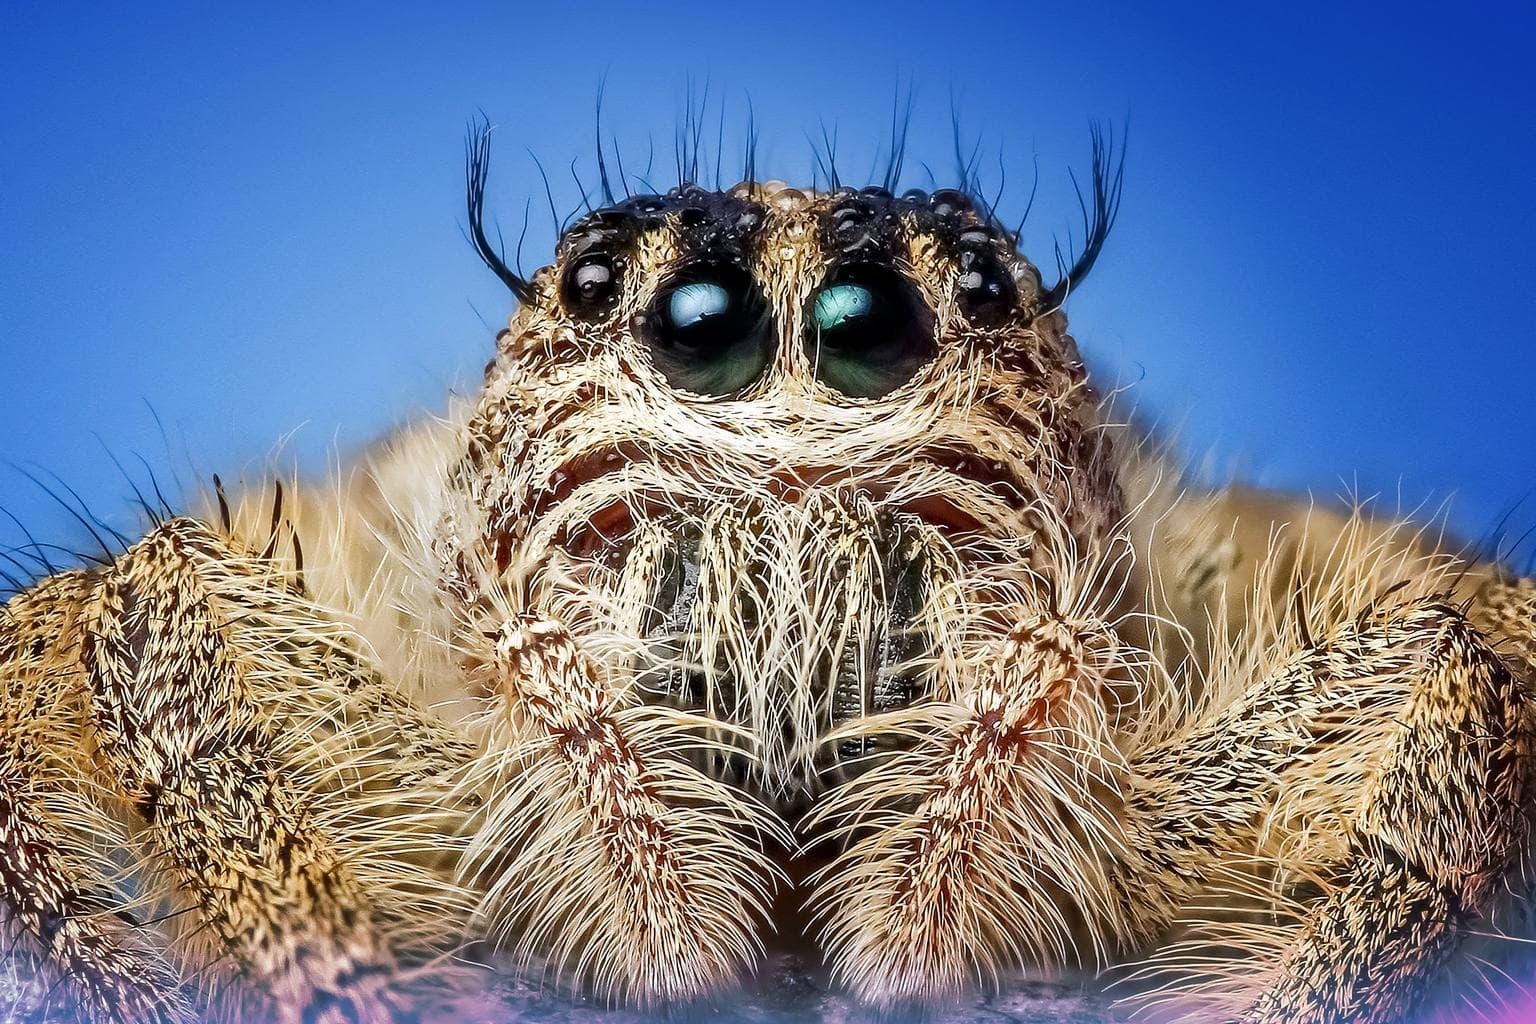 Araña con objetivo macro muy magnificado